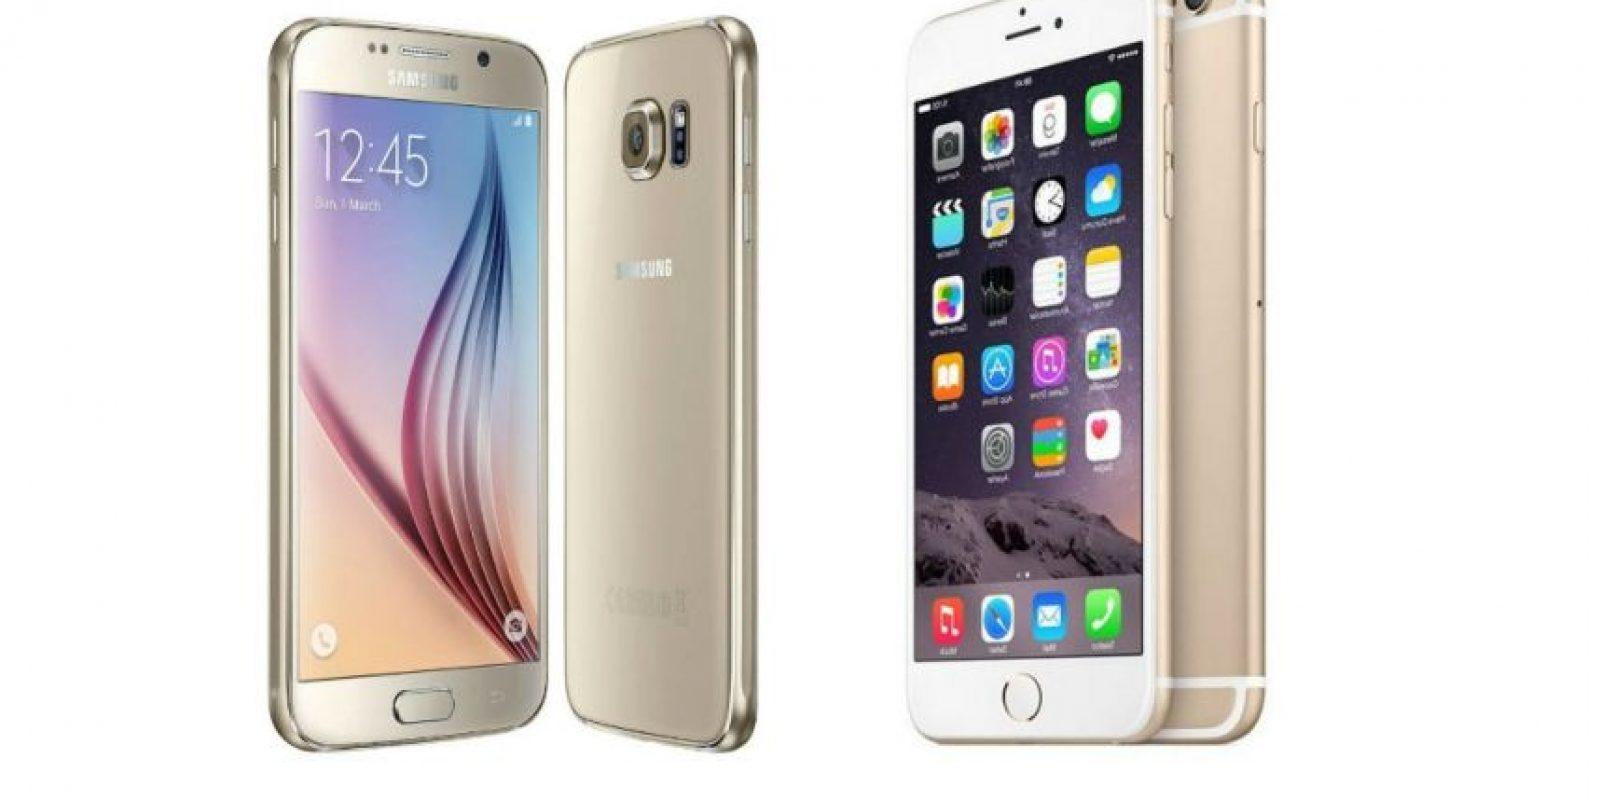 Es más costoso el Samsung Galaxy S6 que el iPhone 6. Foto:Samsung / Apple